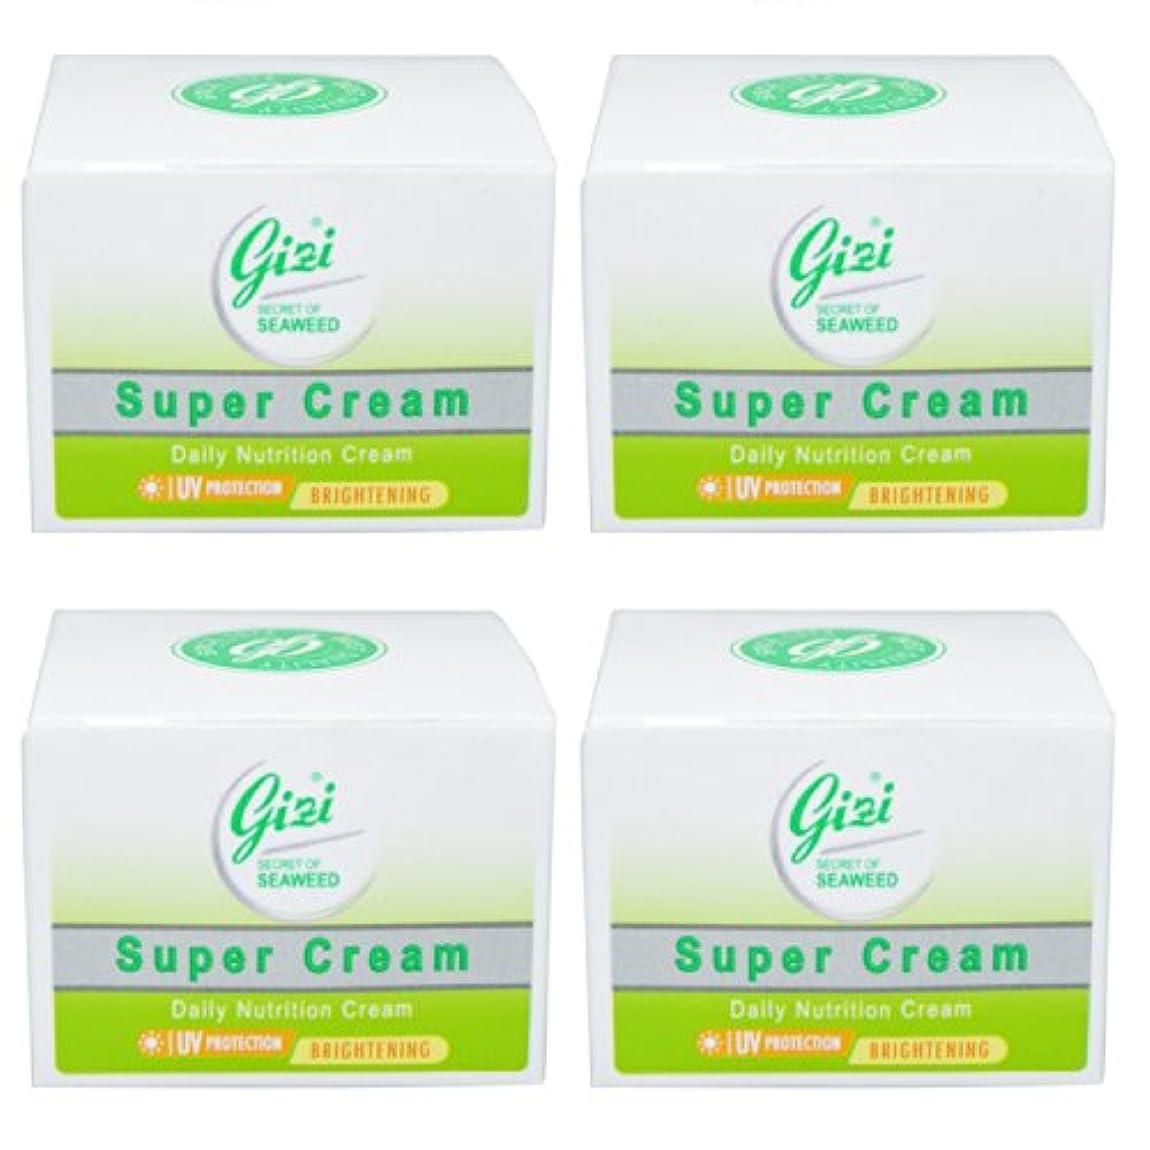 銃タービン未知のGIZI Super Cream(ギジ スーパークリーム)フェイスクリーム9g 4個セット[並行輸入品][海外直送品]